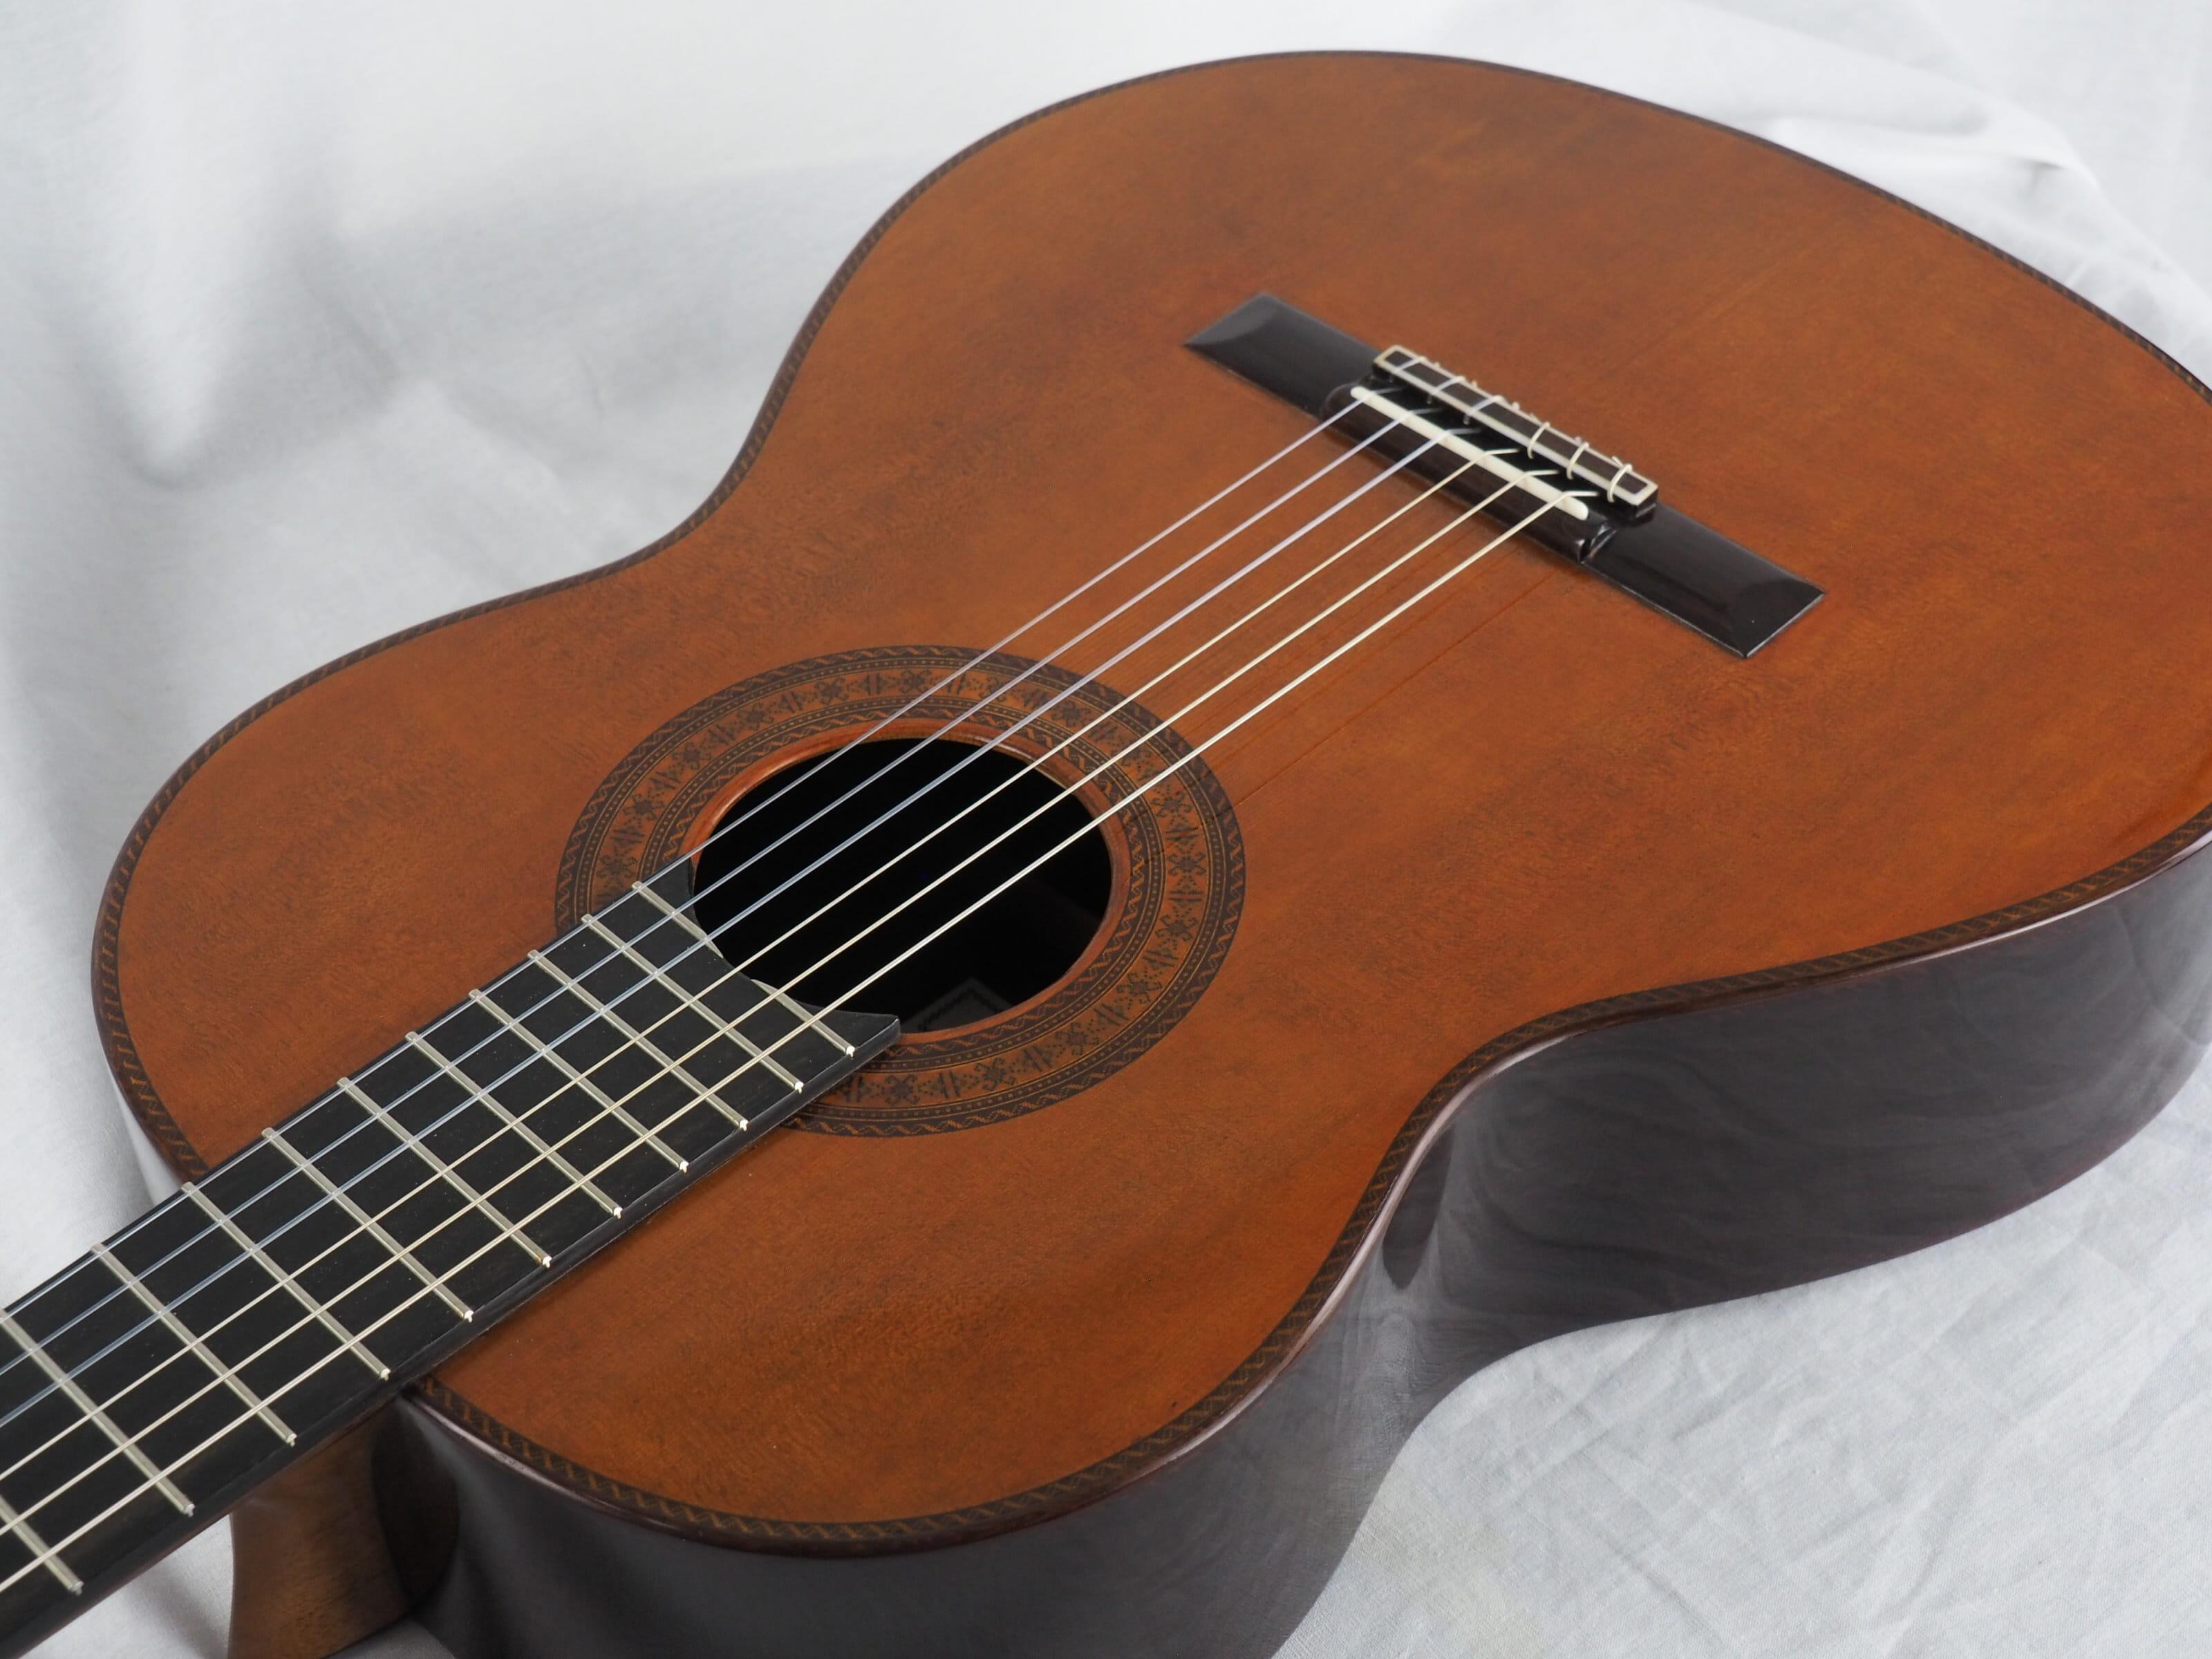 Dieter Hopf Luthier guitare classique Evolucion No 19HP180-01